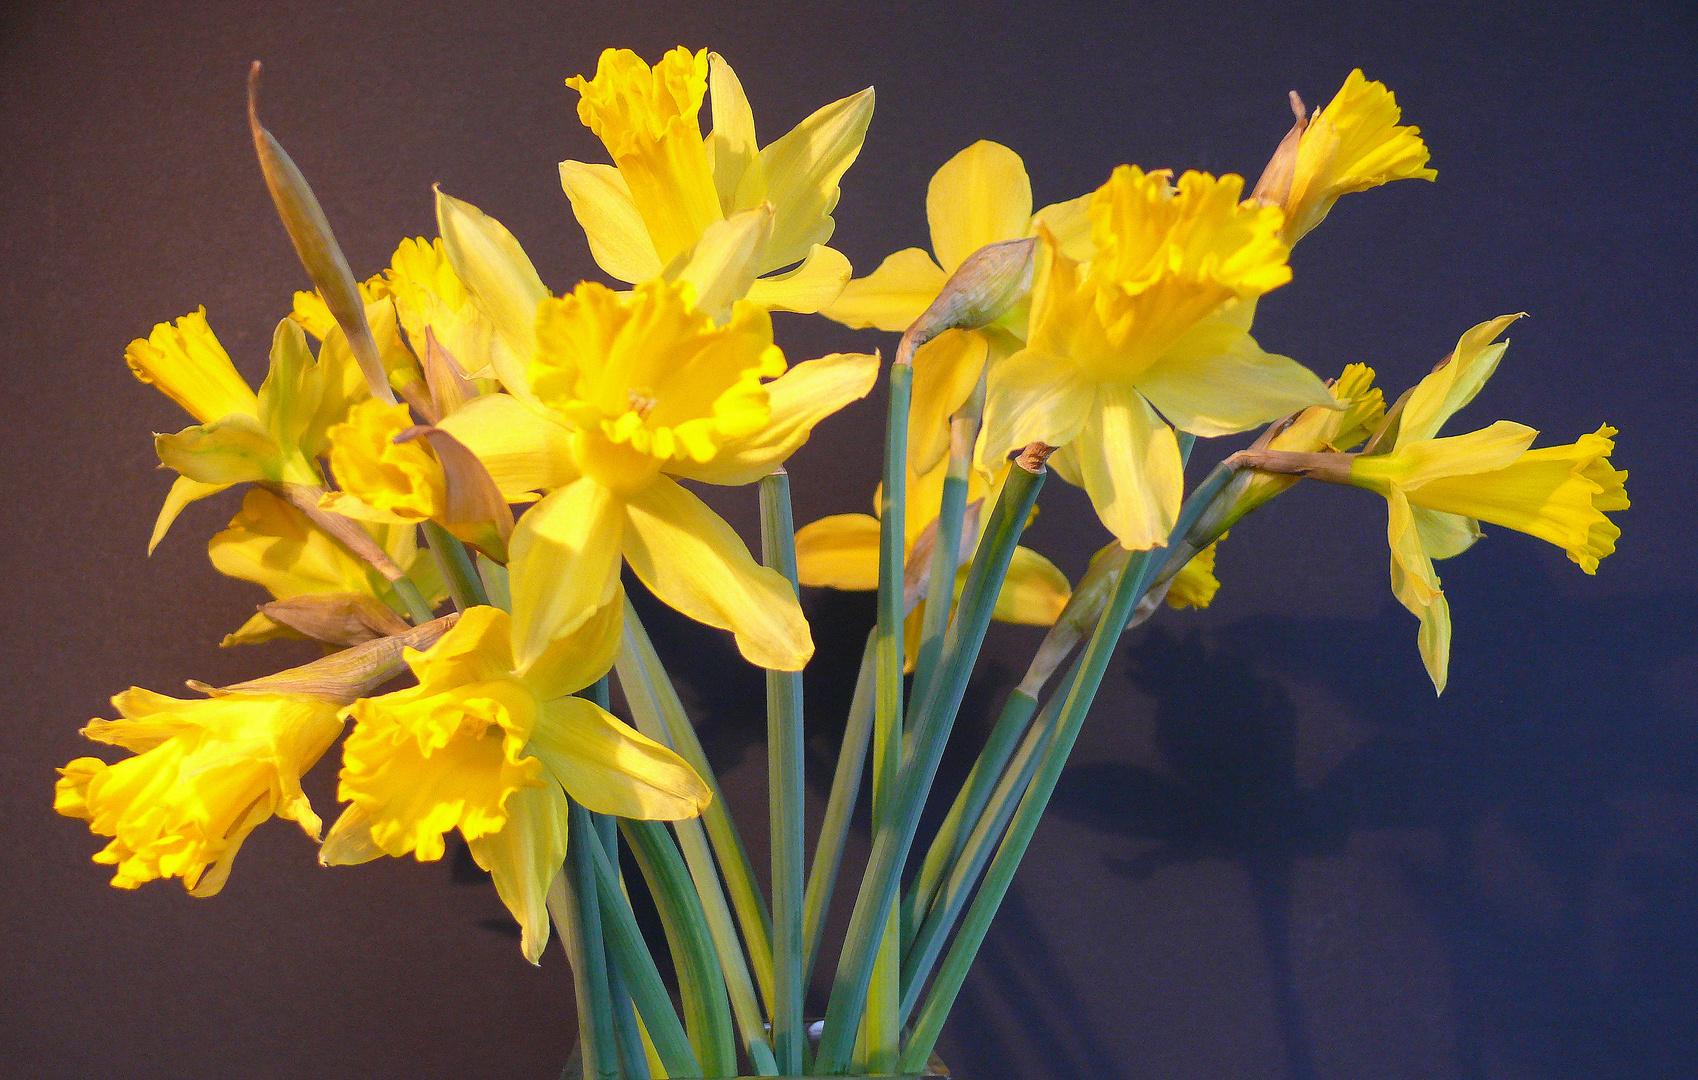 fr hlingsstrau foto bild pflanzen pilze flechten bl ten kleinpflanzen gs flora. Black Bedroom Furniture Sets. Home Design Ideas